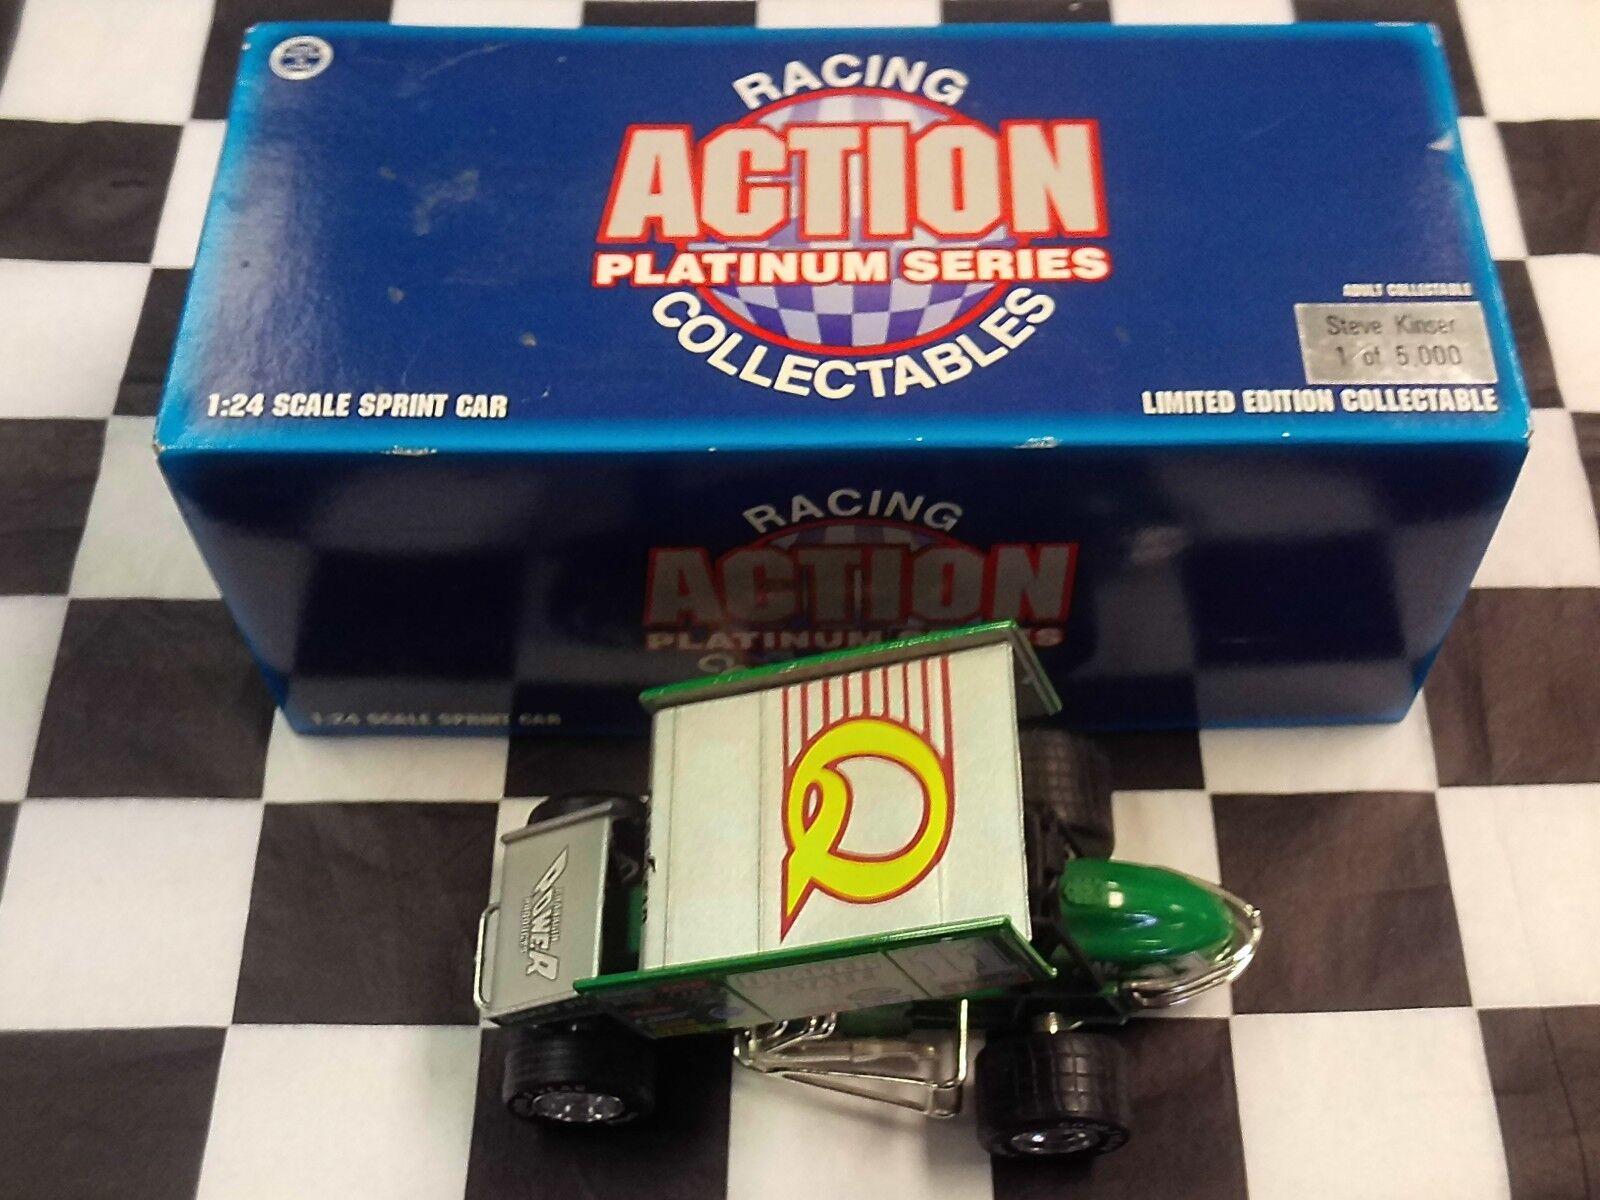 Steve KINSER  11 Quaker State  1996 Sprint voiture Extreme Action nouveau IN BOX 1 24 1 de 5,000  boutique en ligne